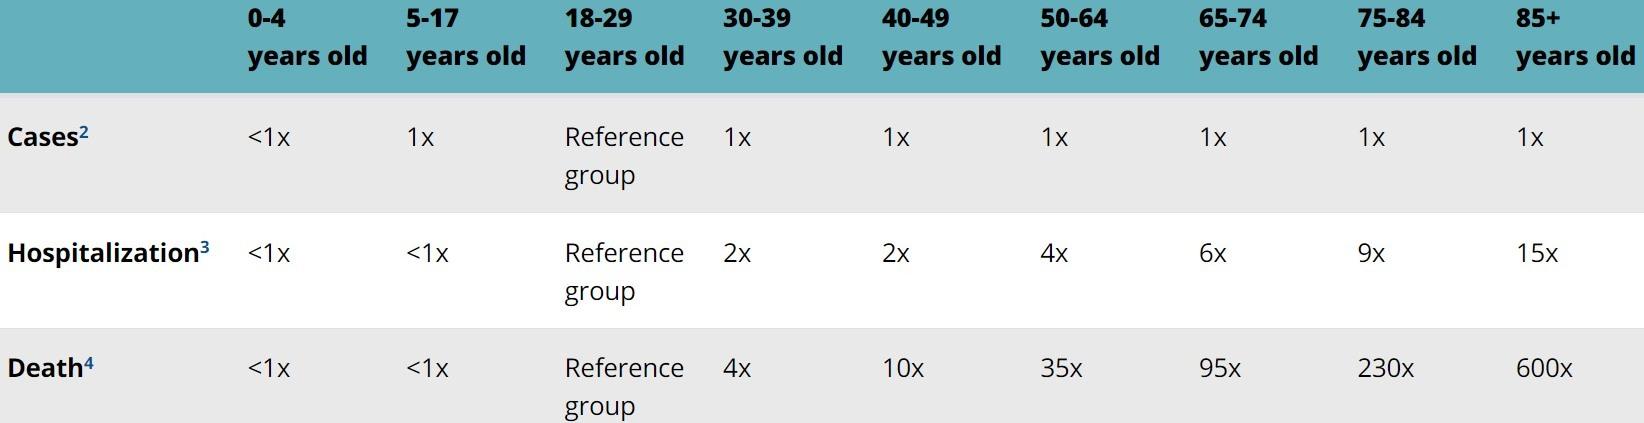 Нажмите на таблице выше, чтобы увеличить ее